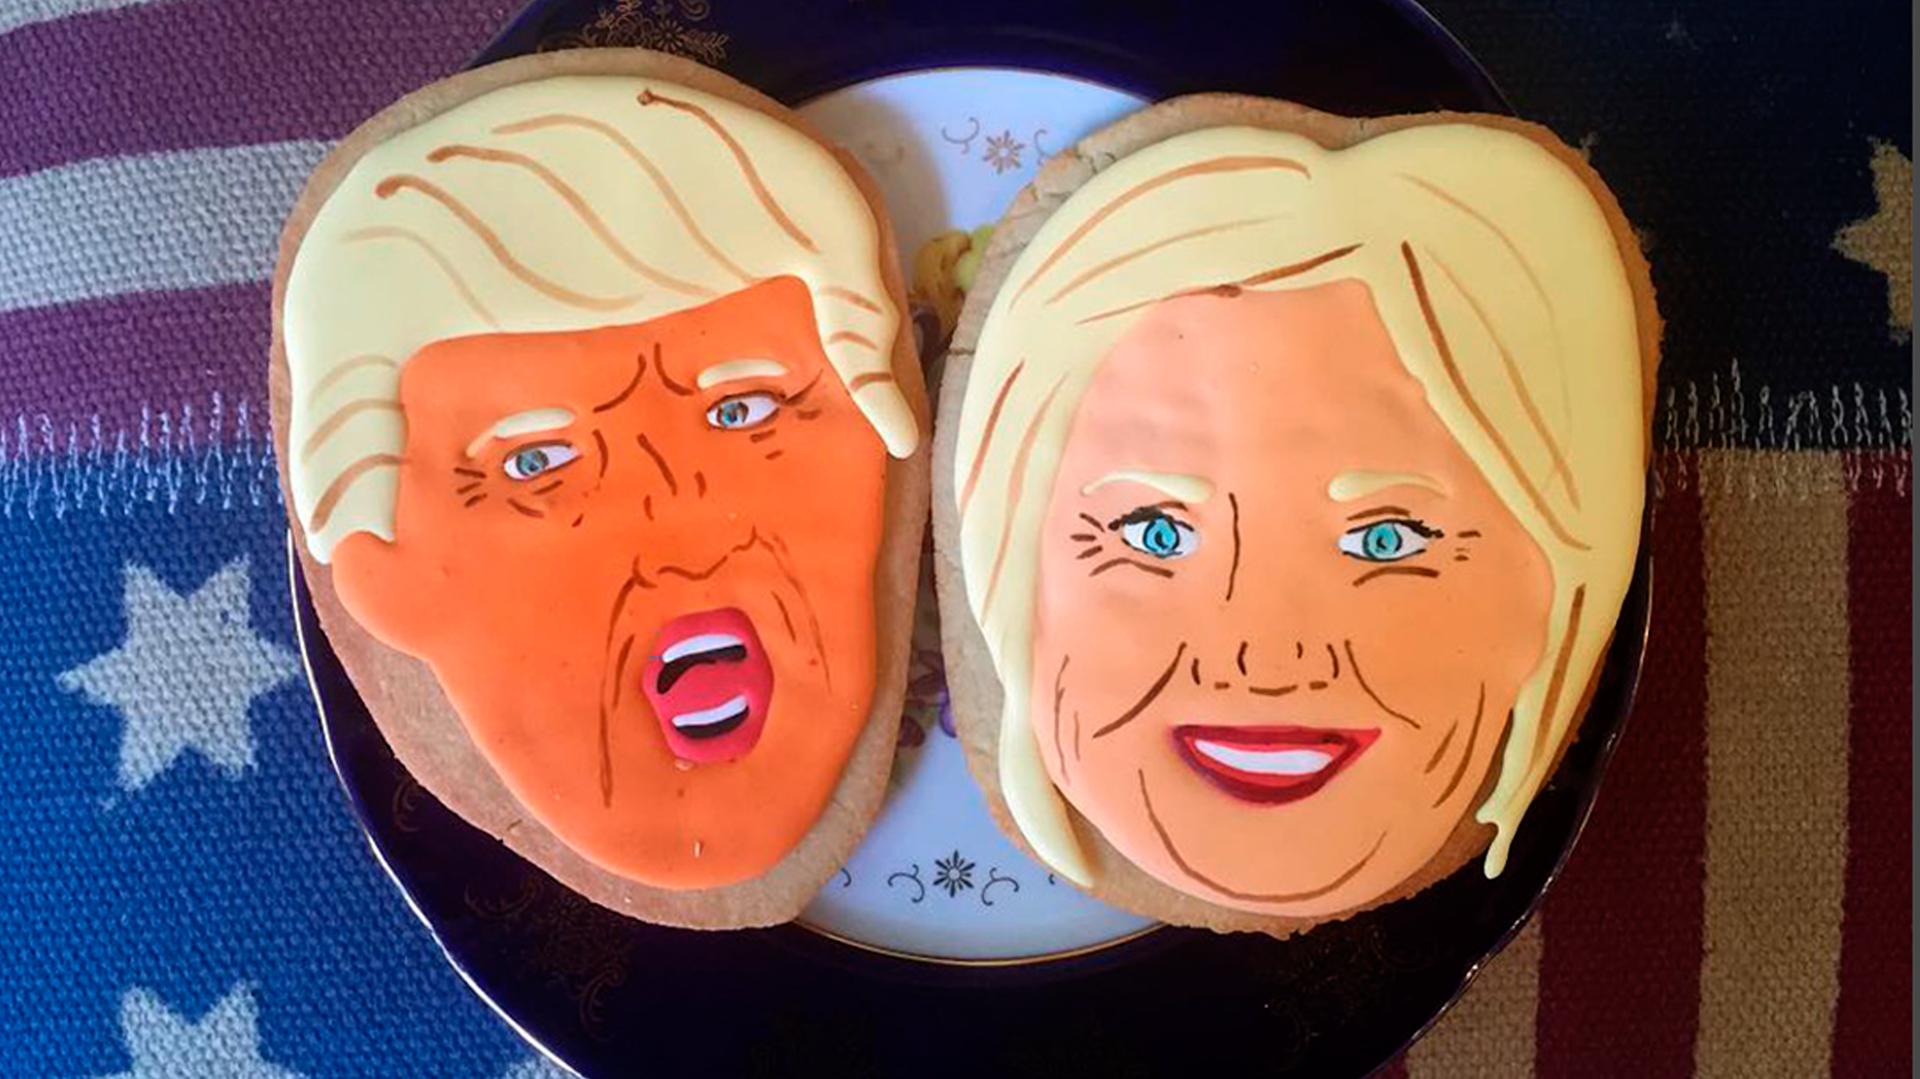 Трамп-тоник и Хиллари-бургер: бизнес в США готовится к новым дебатам кандидатов